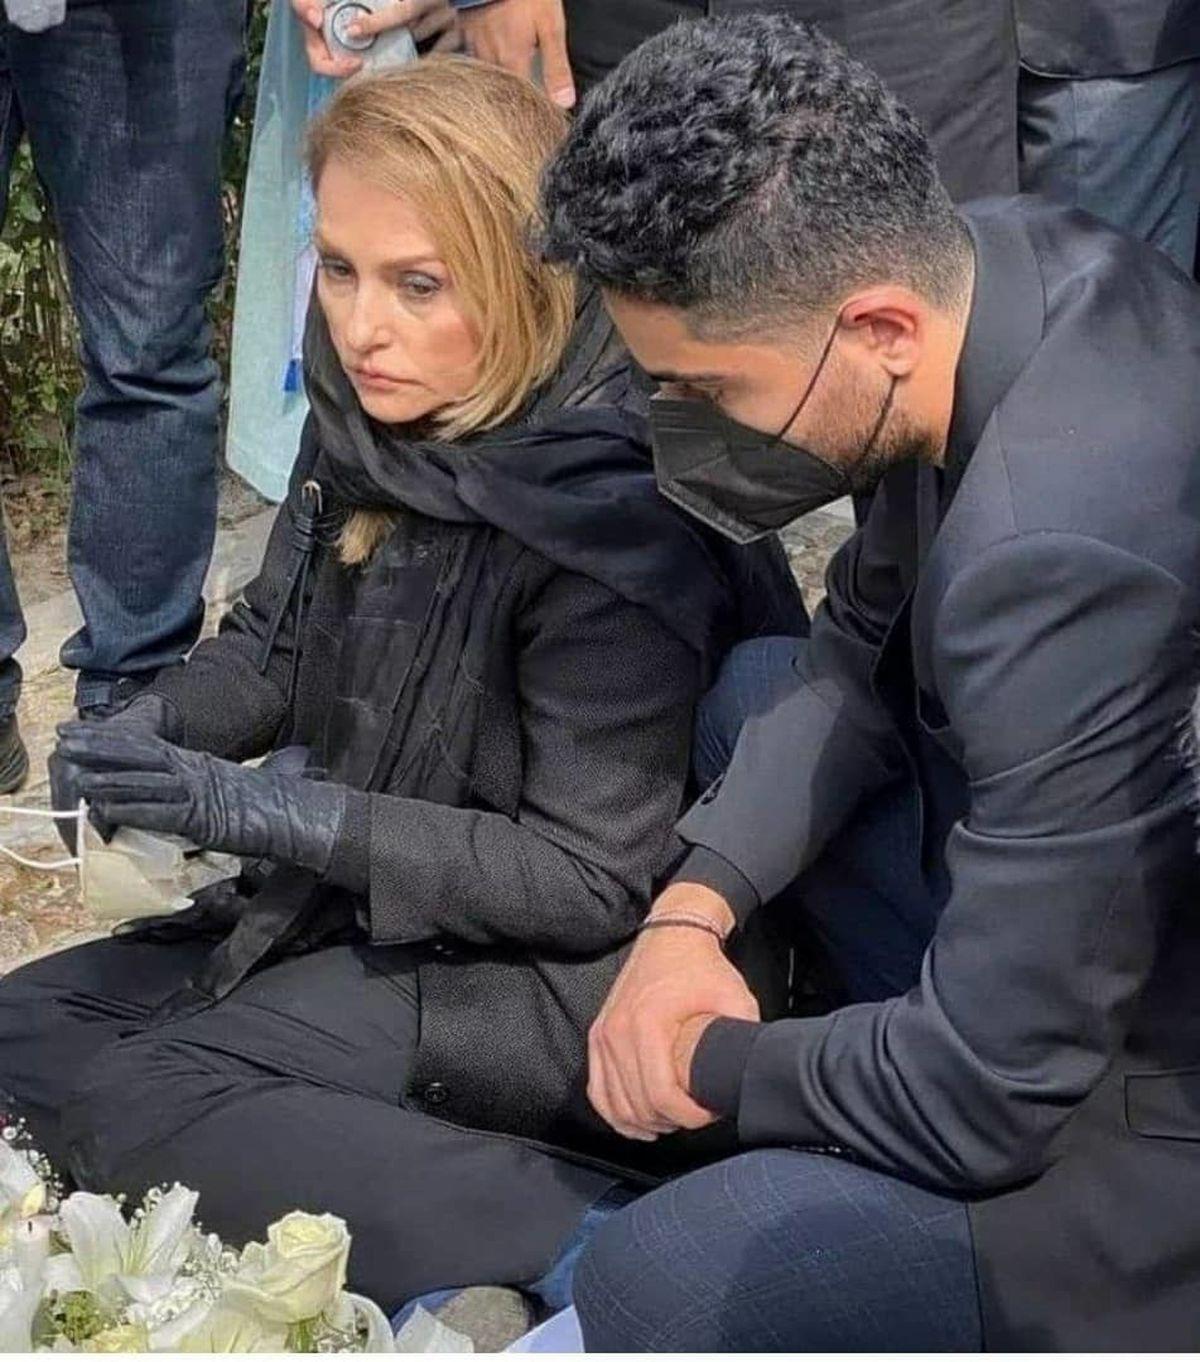 تیپ منشوری همسر جوان محمدرضا شجریان بر سر مزار استاد همه را شوکه کرد +عکس جنجالی